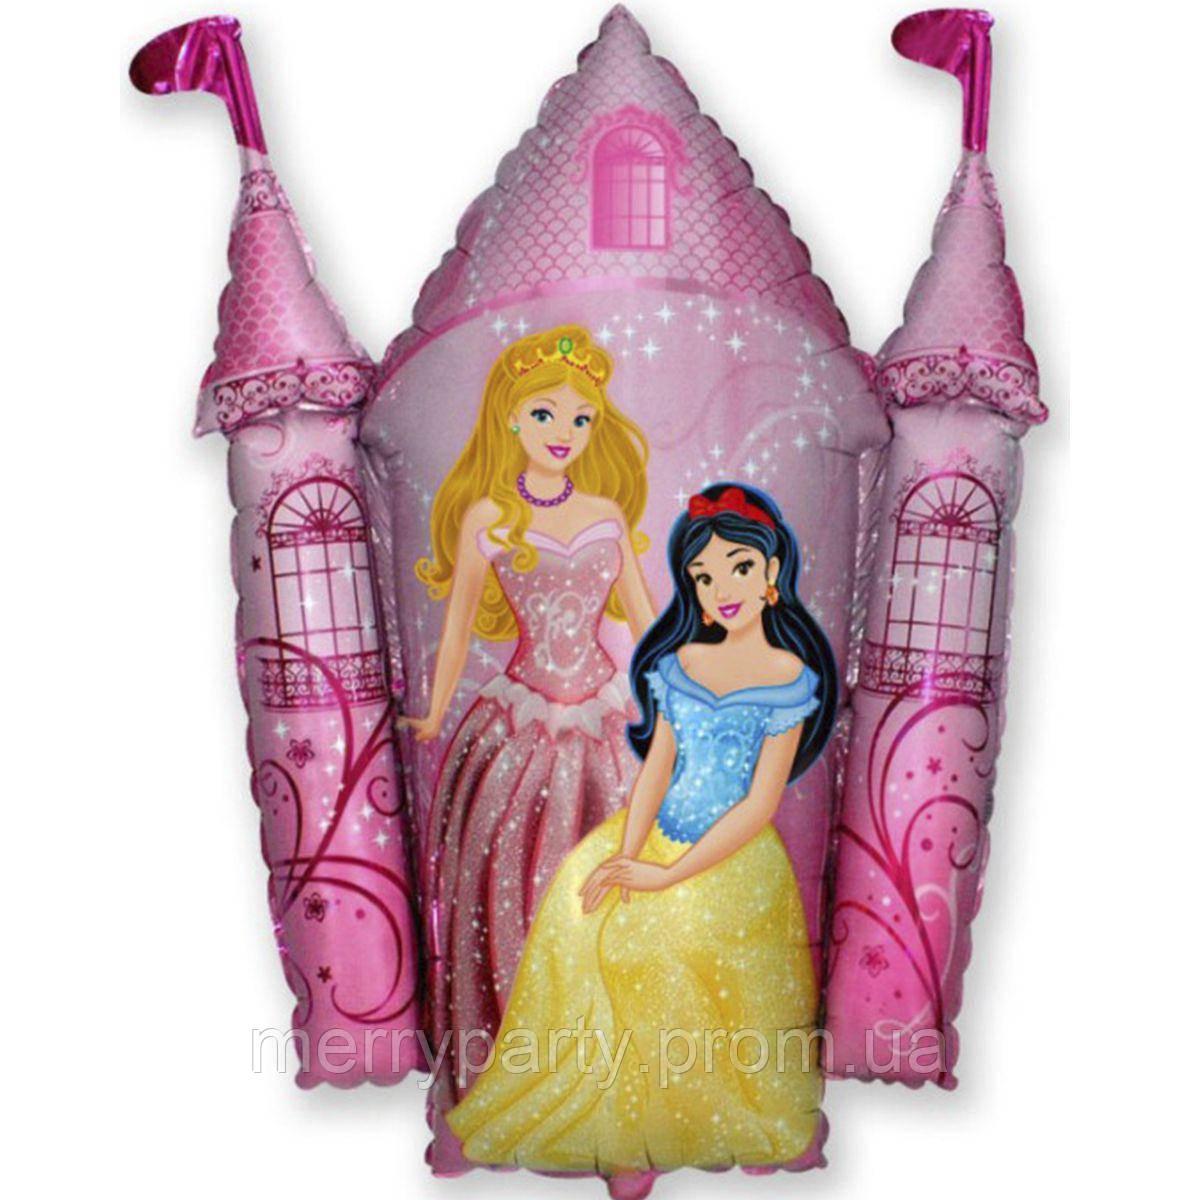 Шар фольгированный Замок с принцессами 28х27 см Flexmetal Испания